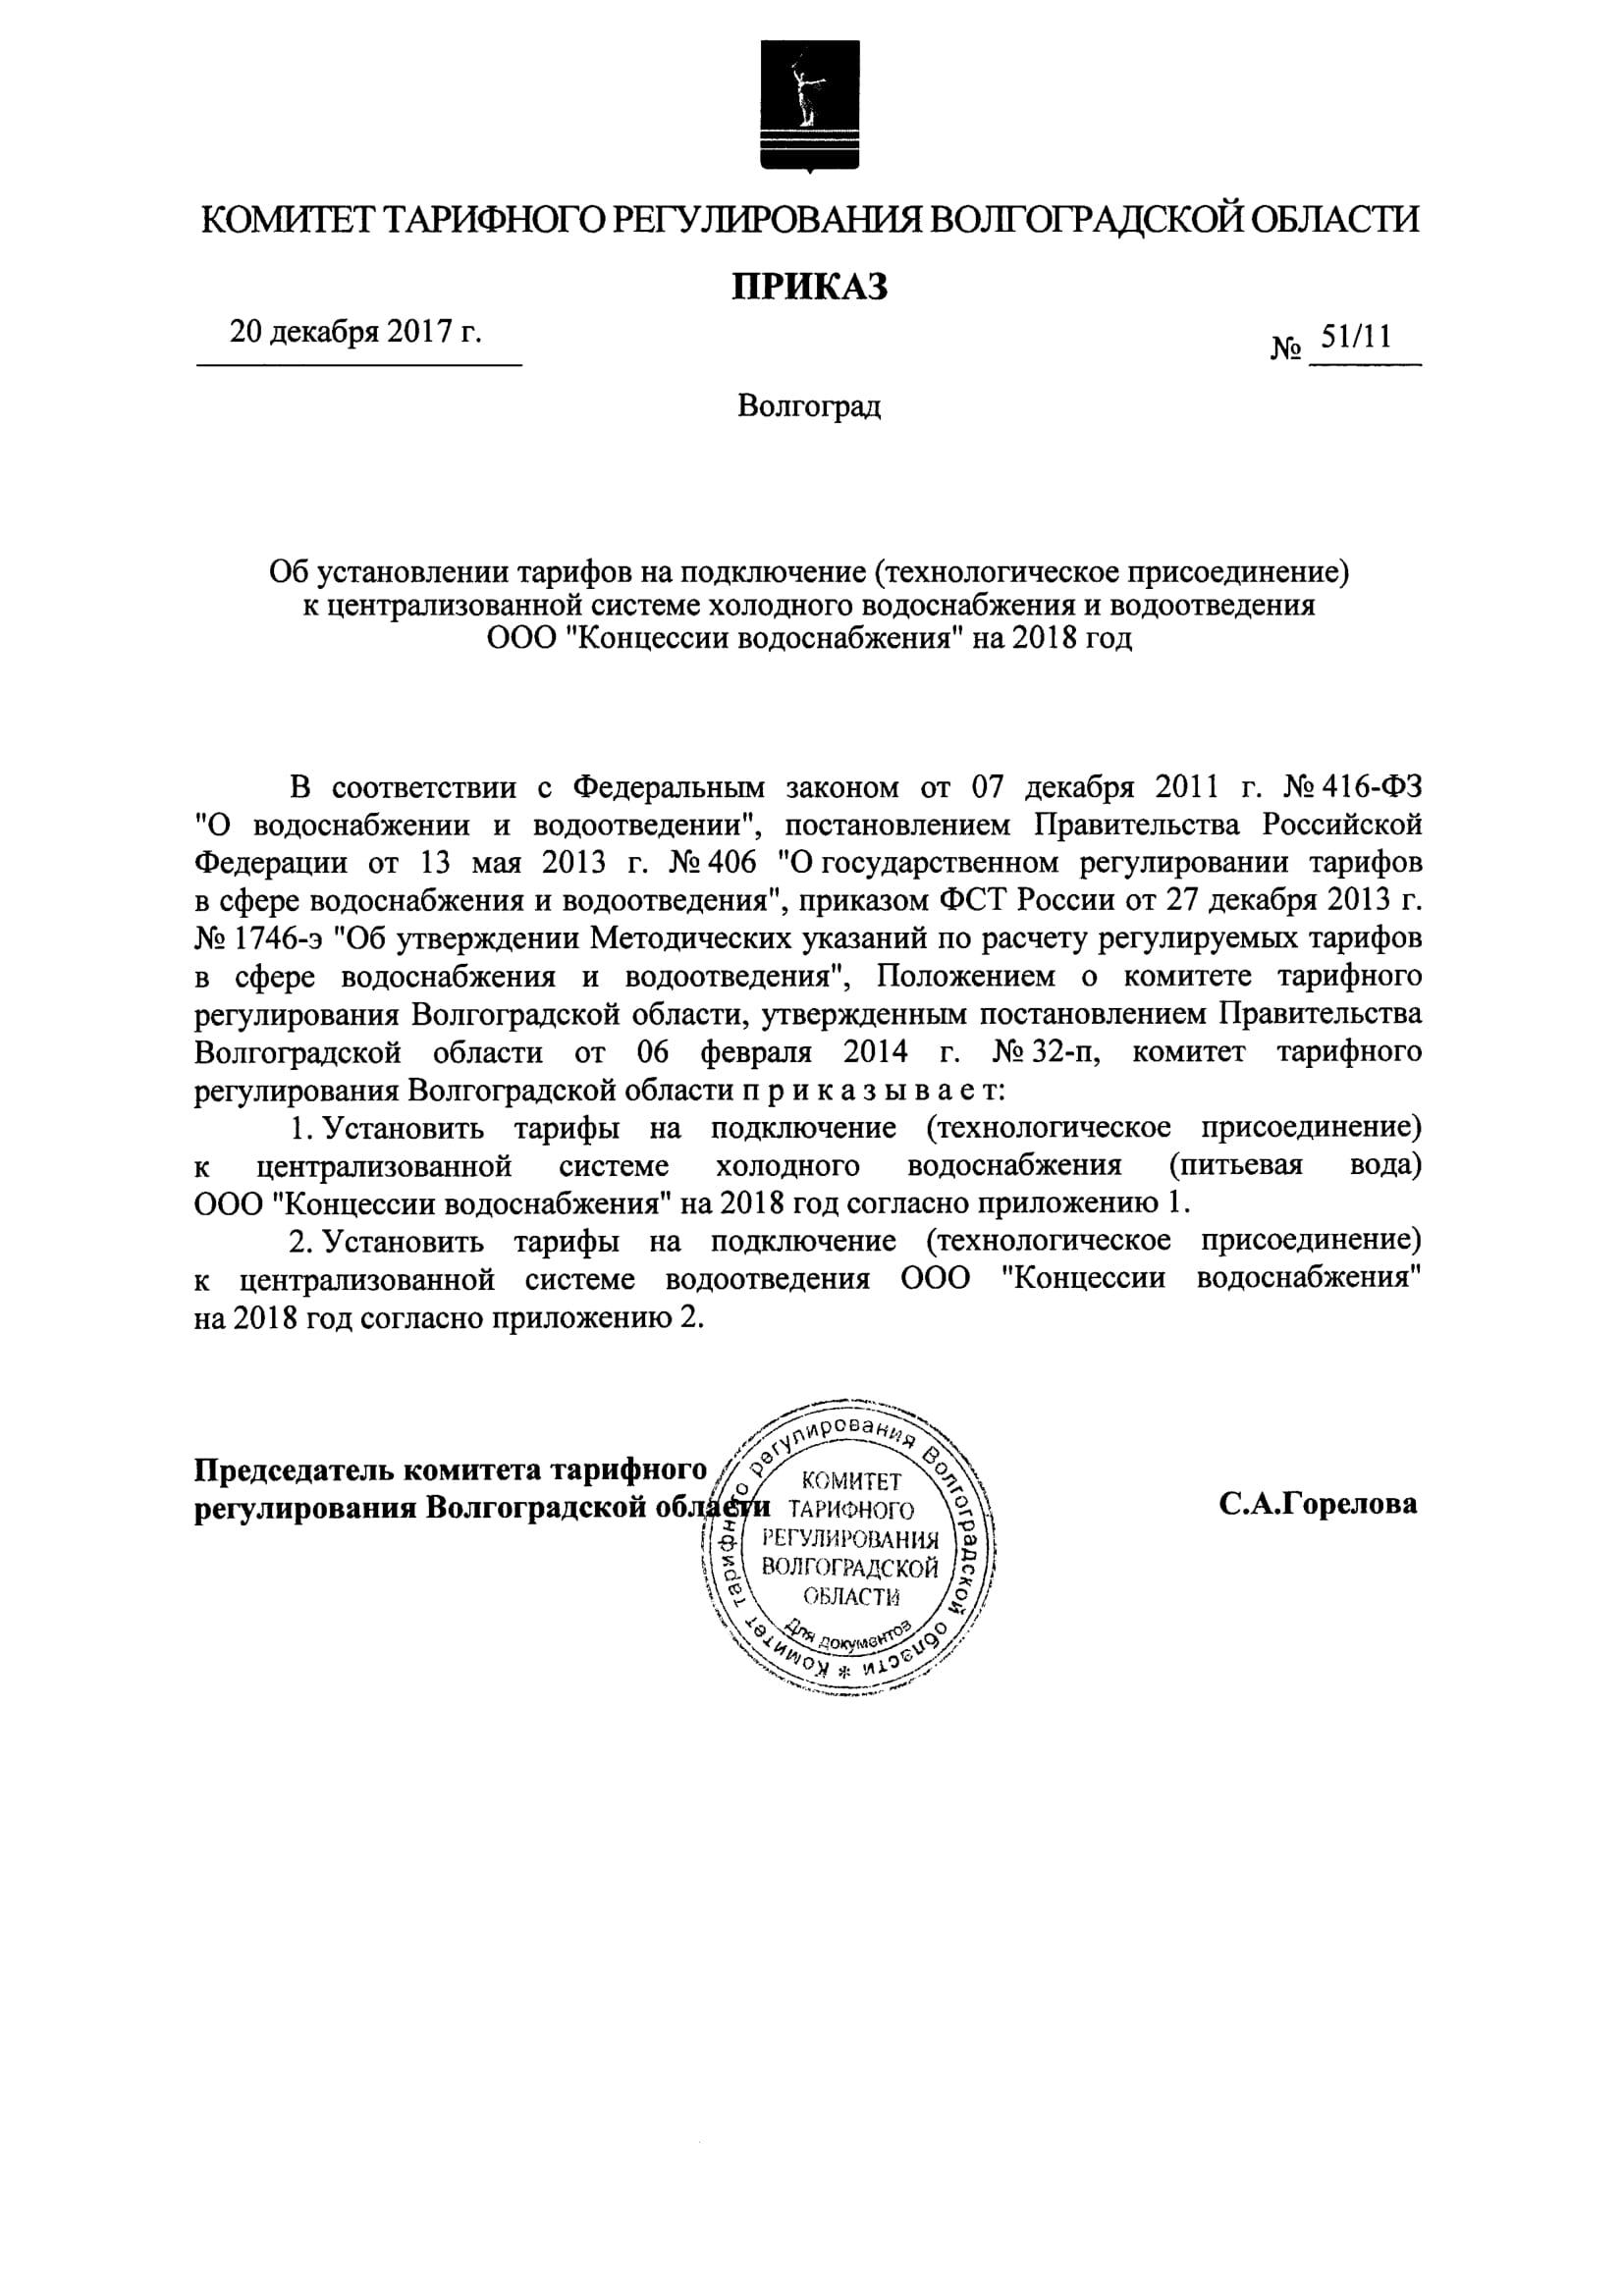 Приказ от 20.12.2017 № 51_11-1